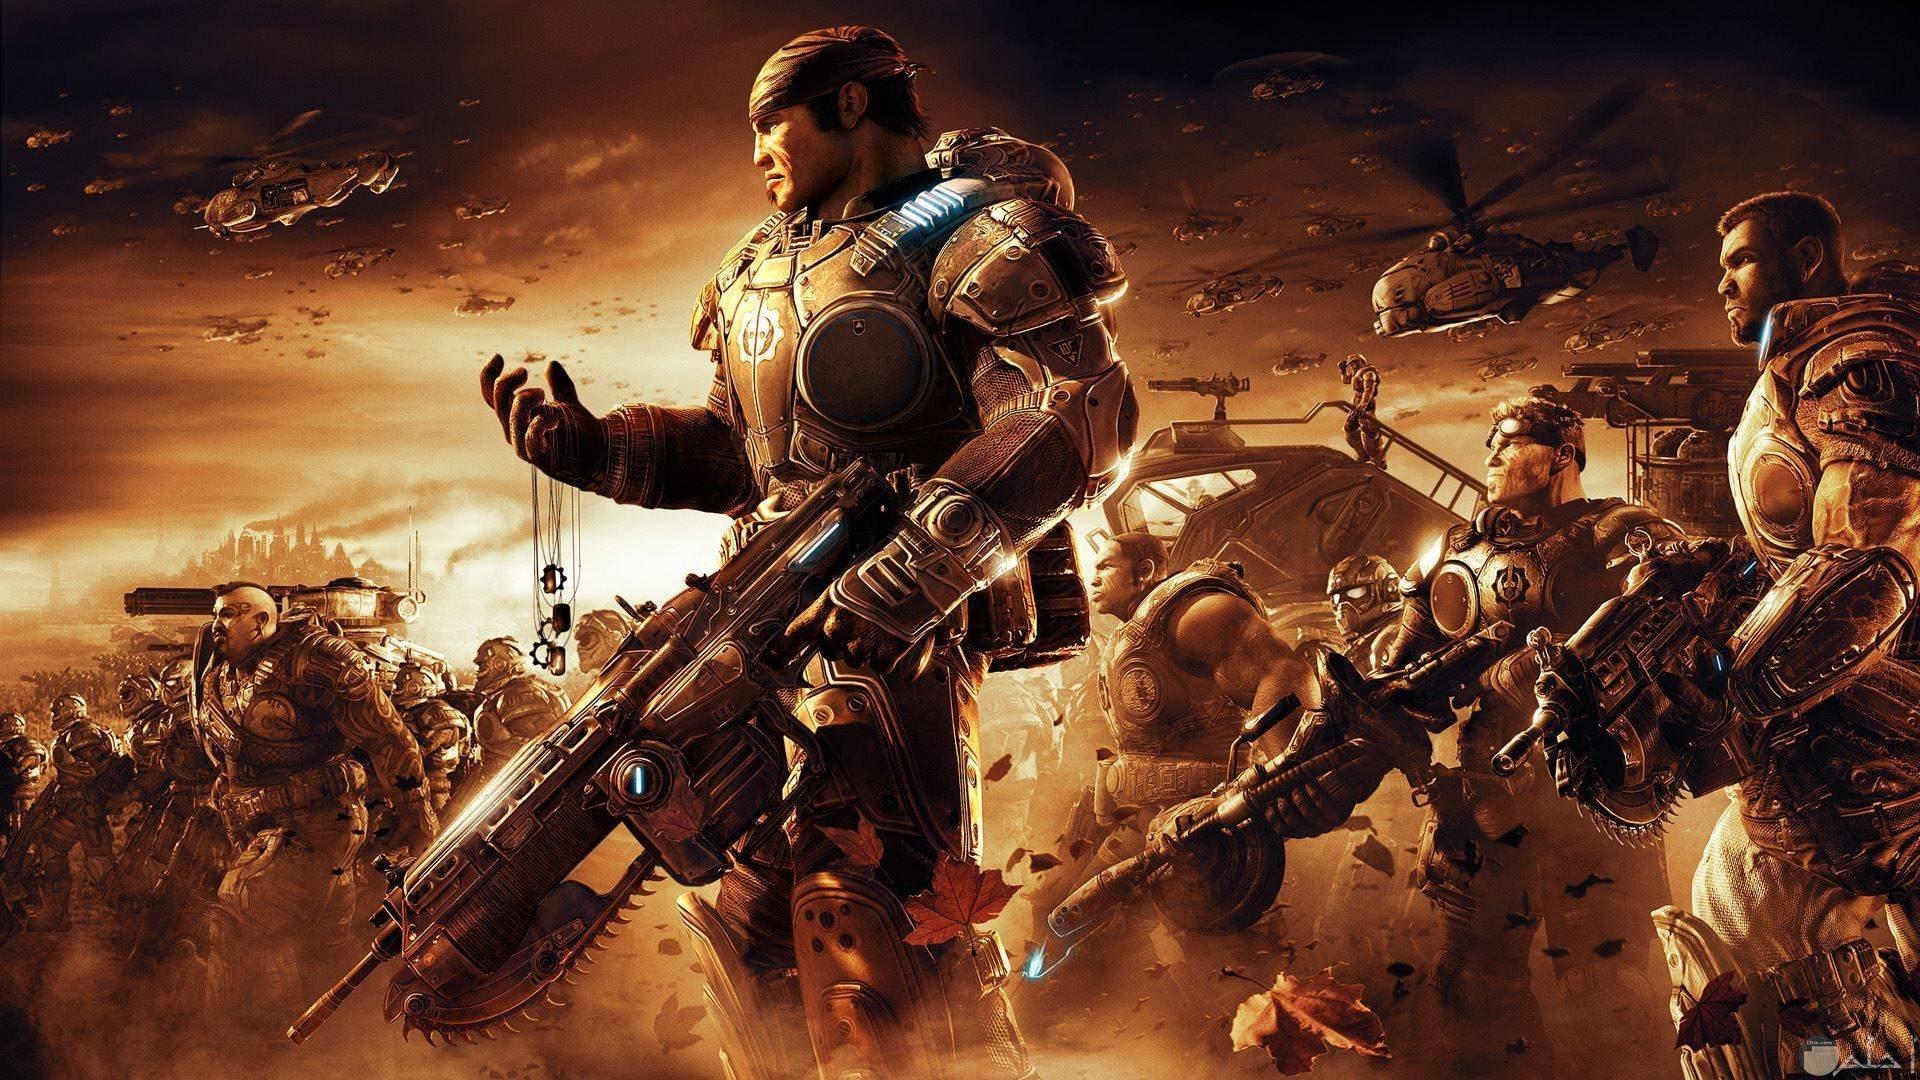 صور اكشن من ألعاب القتال بالأسلحة الكبيرة.